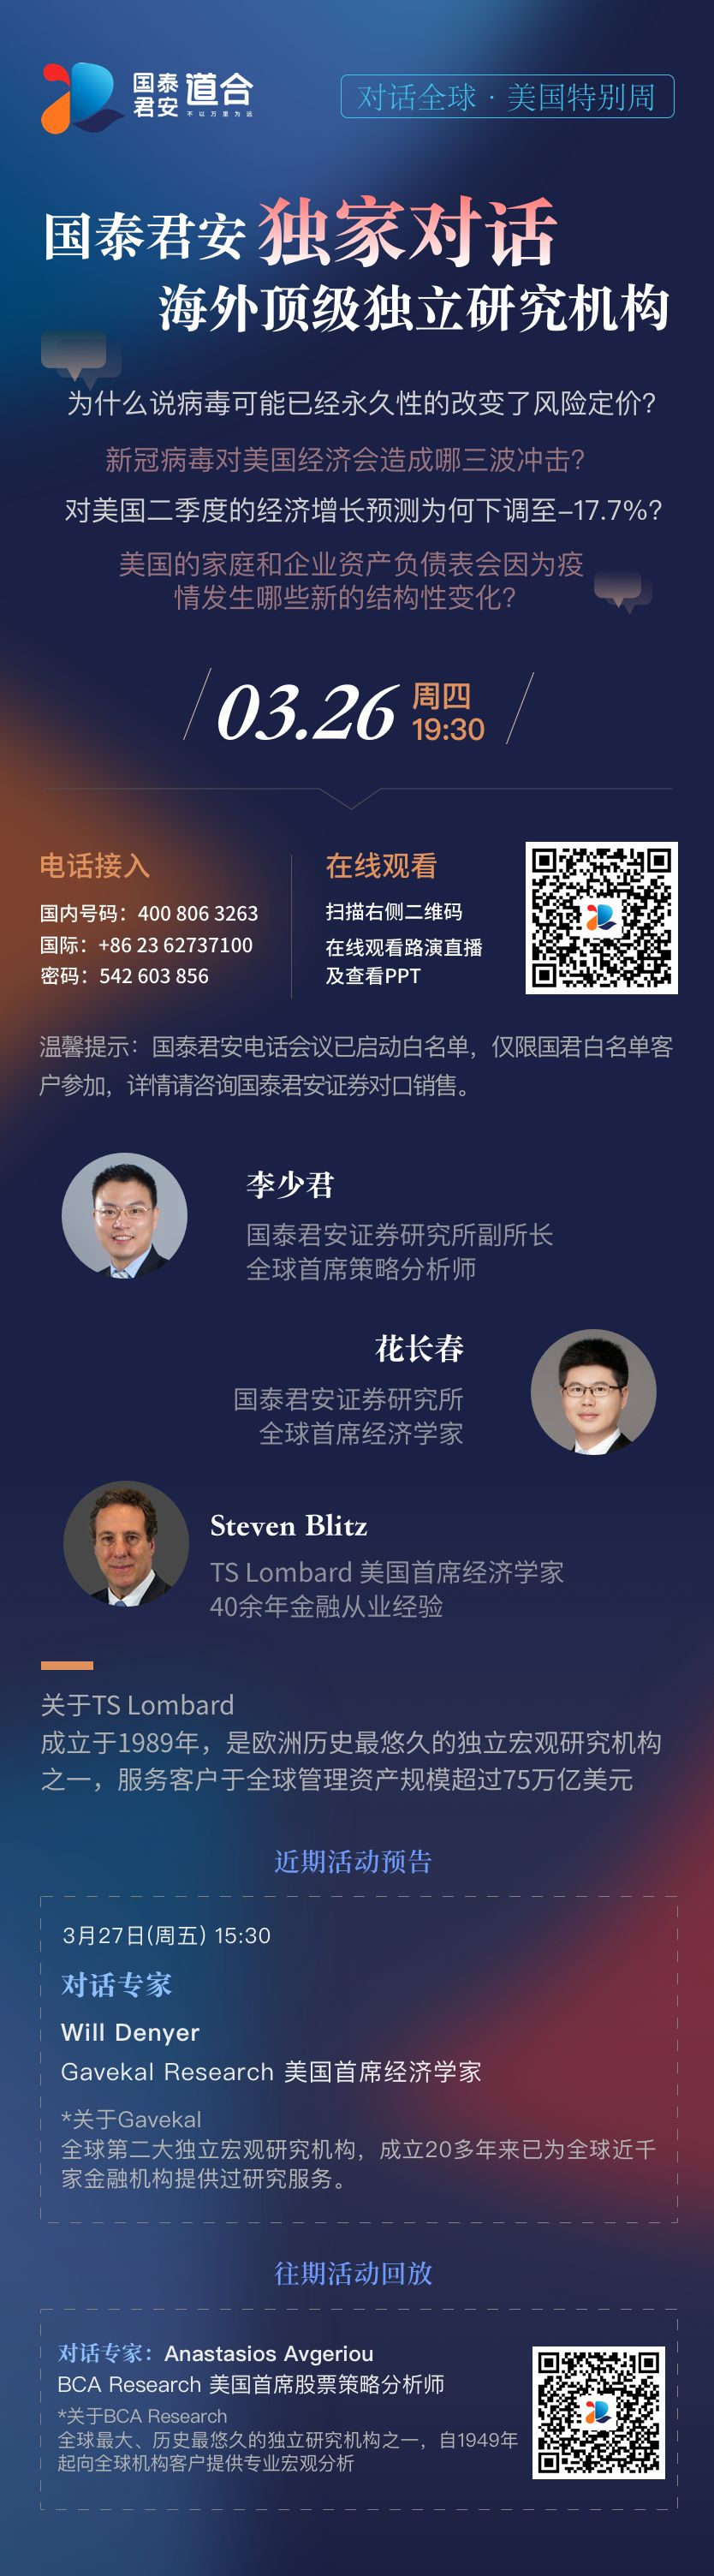 http://www.linjiahuihui.com/guojidongtai/702359.html